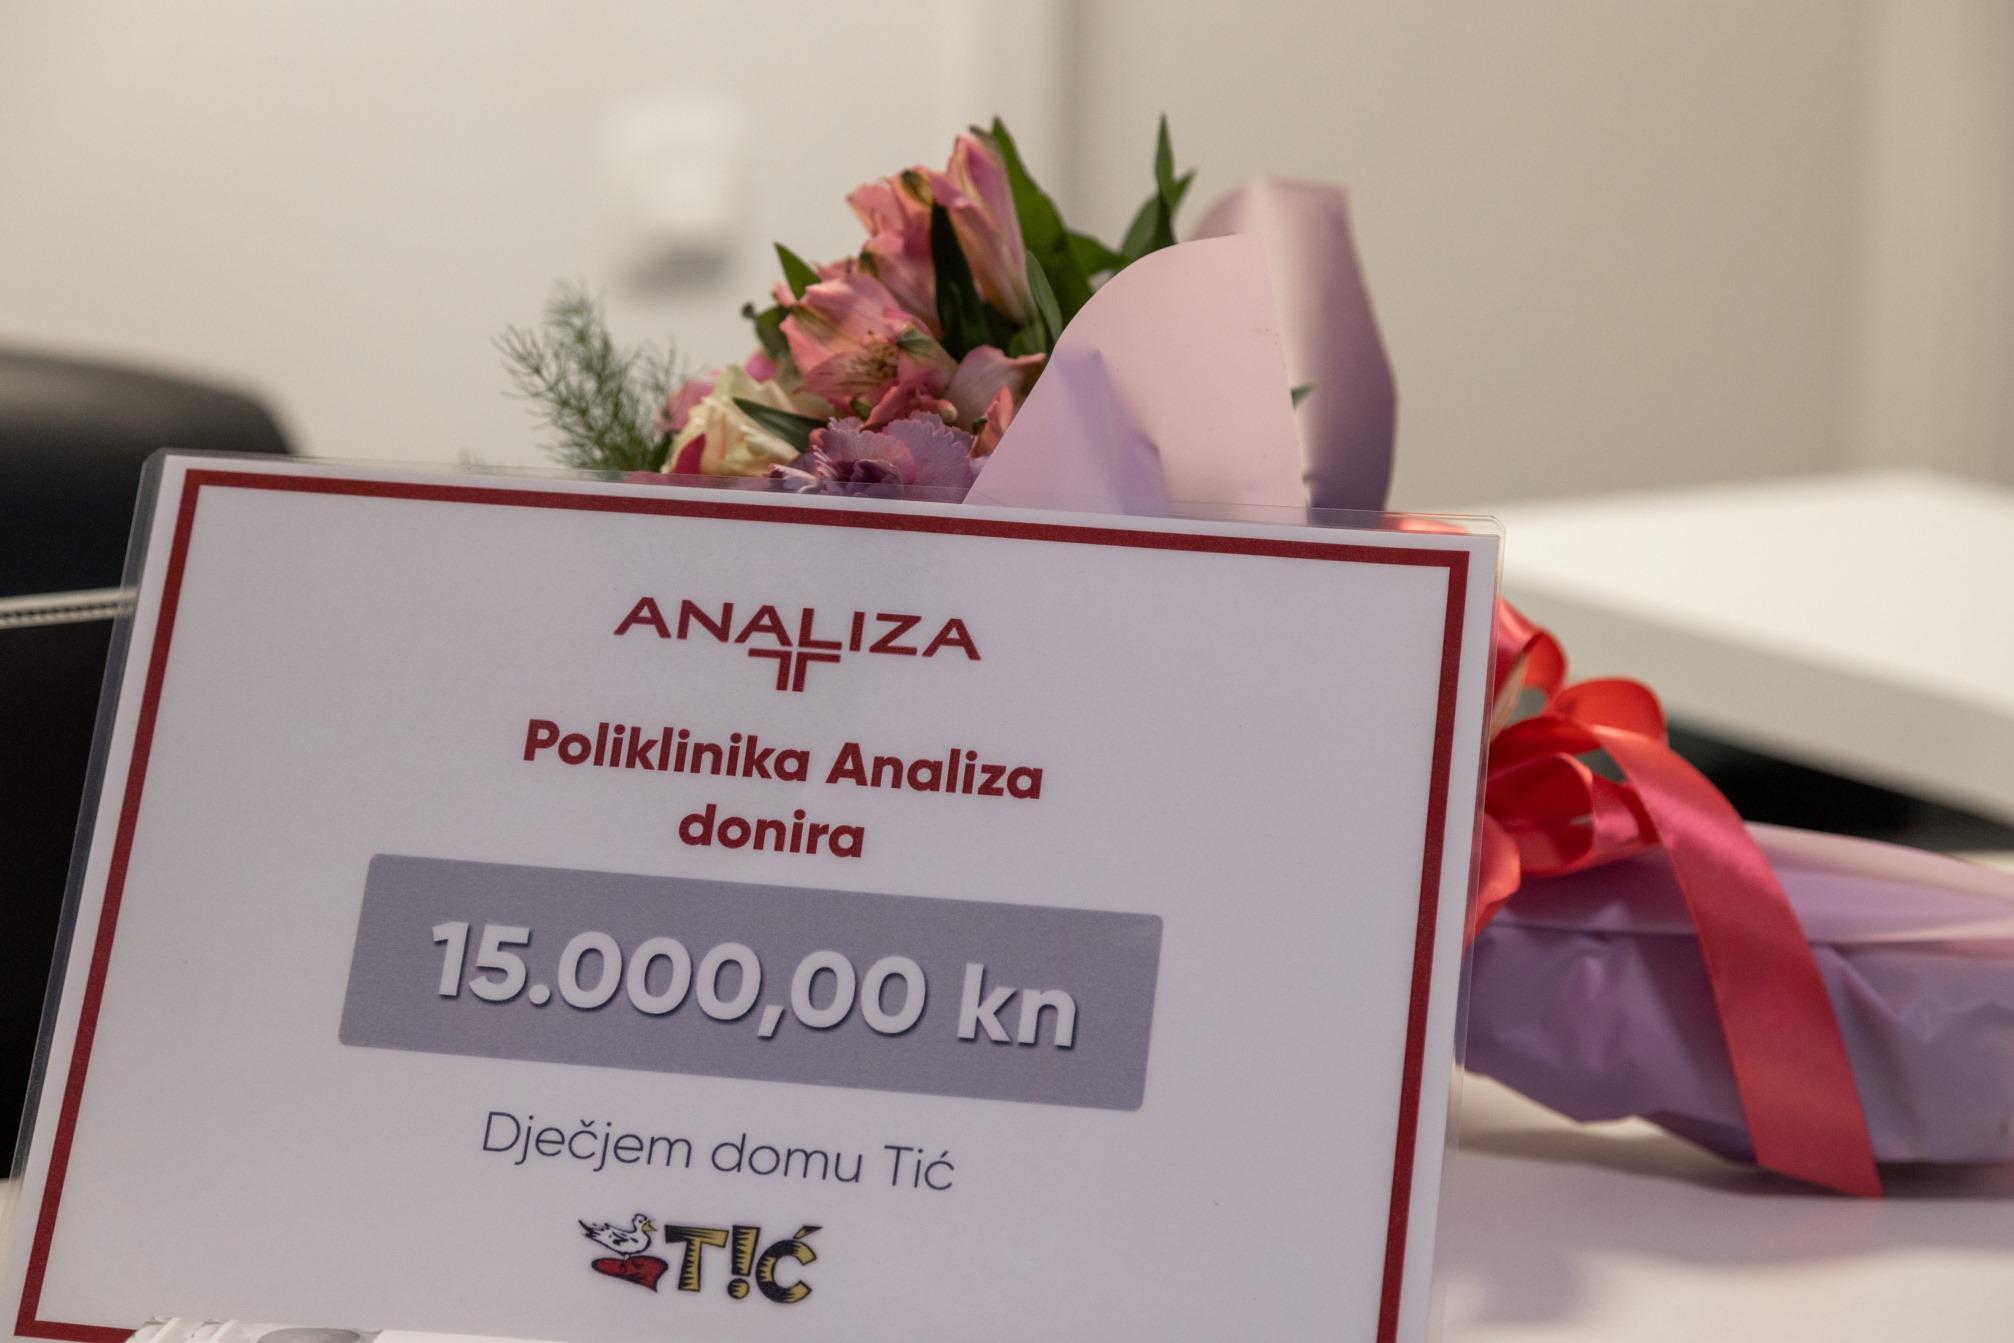 Otvorenje Poliklinike Analiza – umjesto svečanosti, vrijedna donacija Dječjem domu Tić